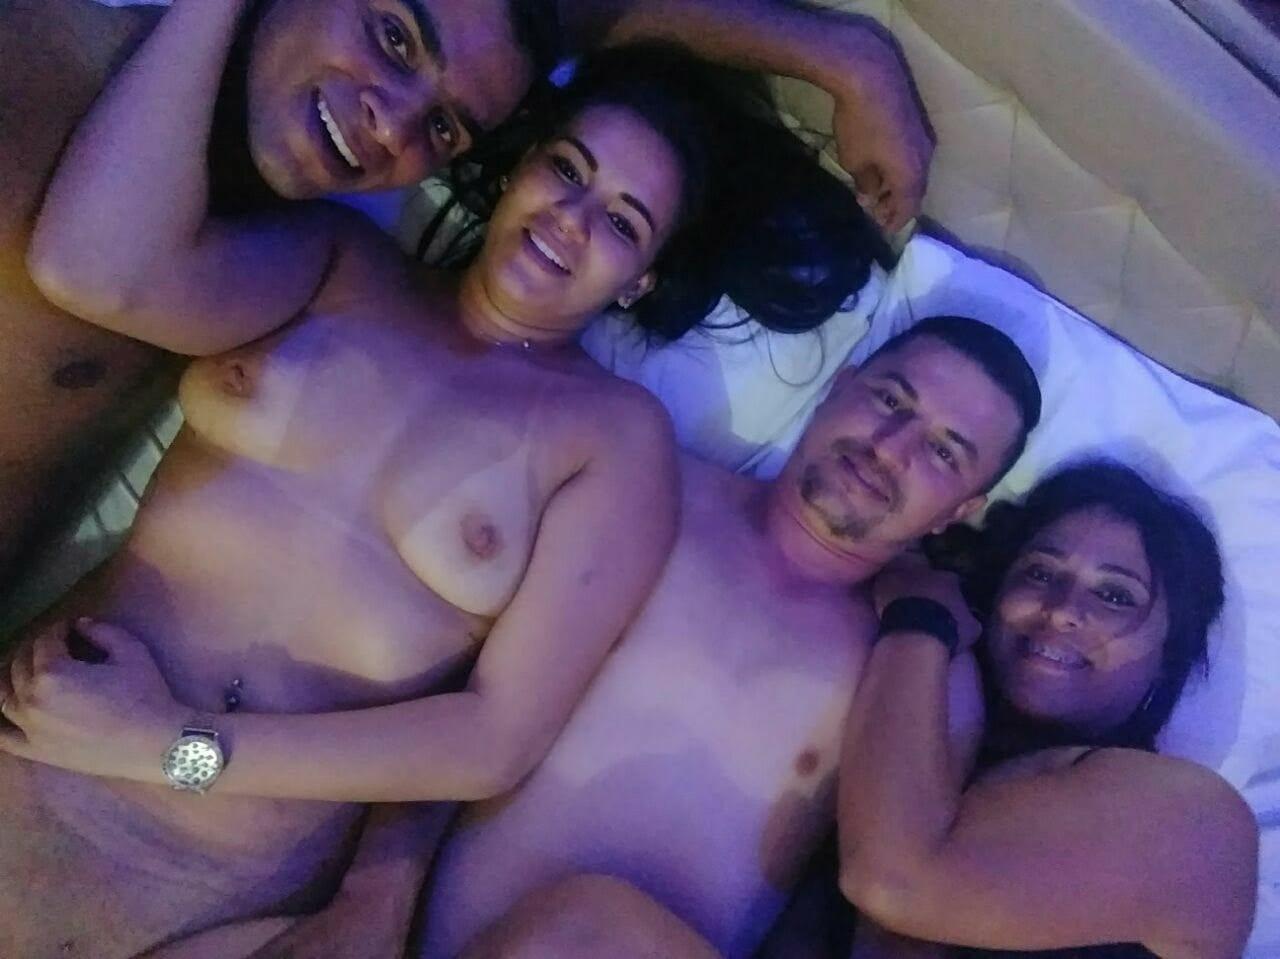 Danny Casada Infiel De São Paulo Caiu Na Net Fazendo Troca De Casais Com Amigos Do Swing